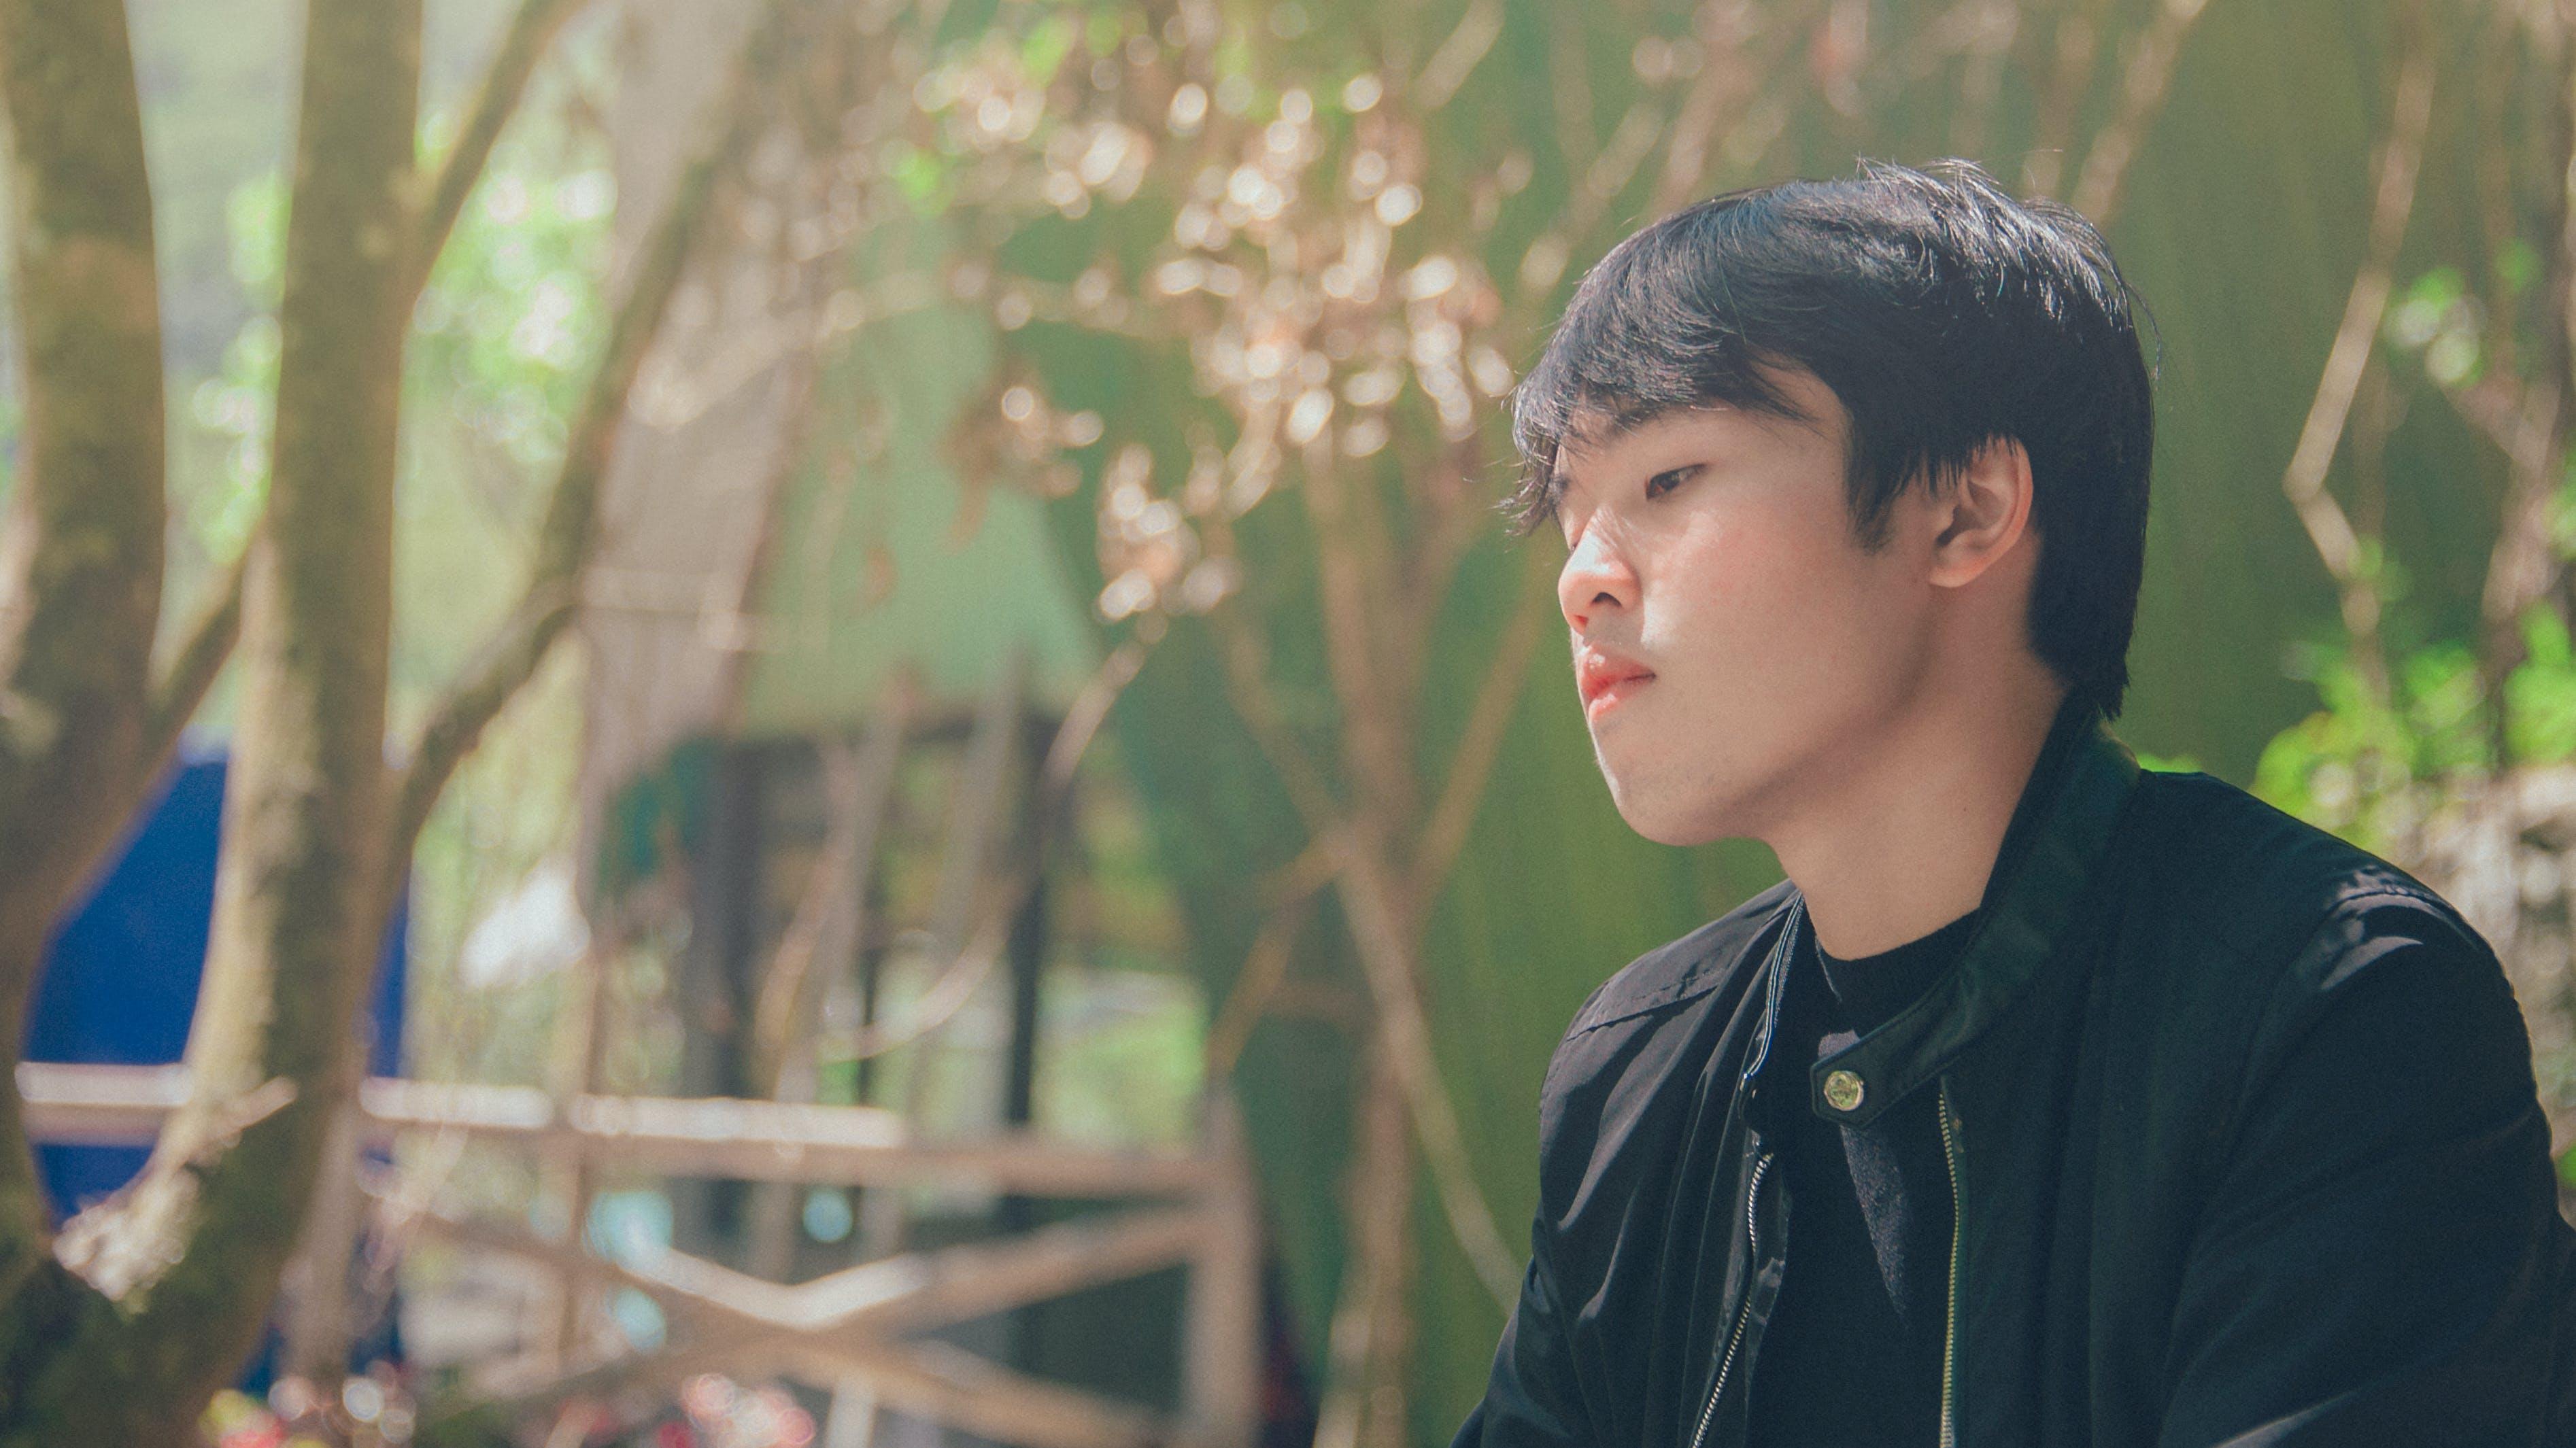 Безкоштовне стокове фото на тему «Азіатський хлопчик, азіатський чоловік, вираз обличчя, Денне світло»